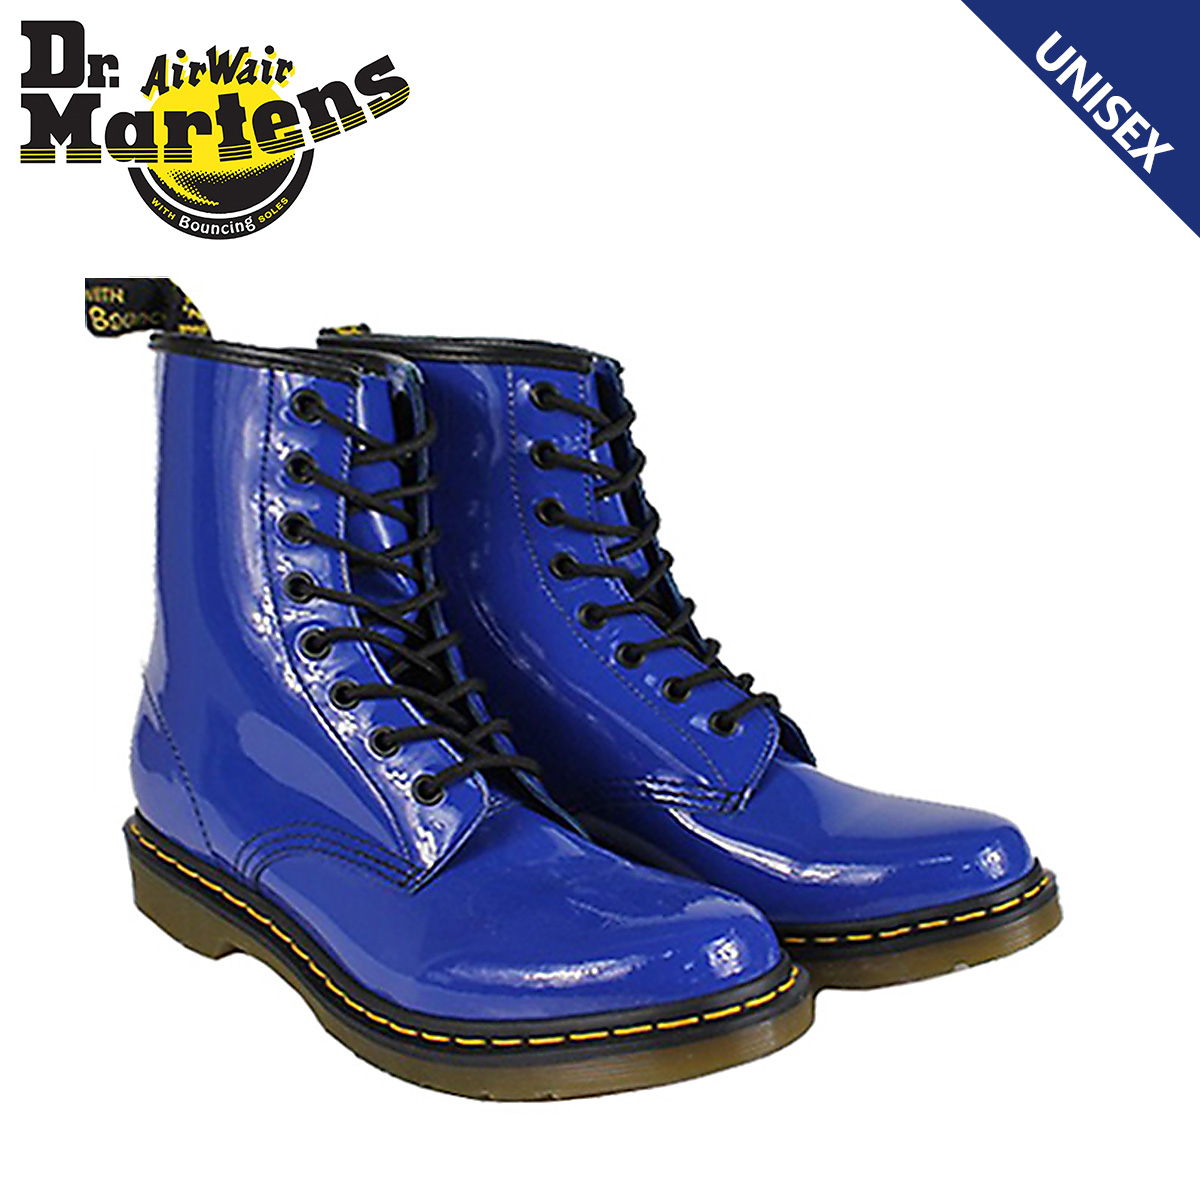 ドクターマーチン 8ホール 1460 レディース Dr.Martens ブーツ WOMENS 8EYE BOOT R11821409 メンズ